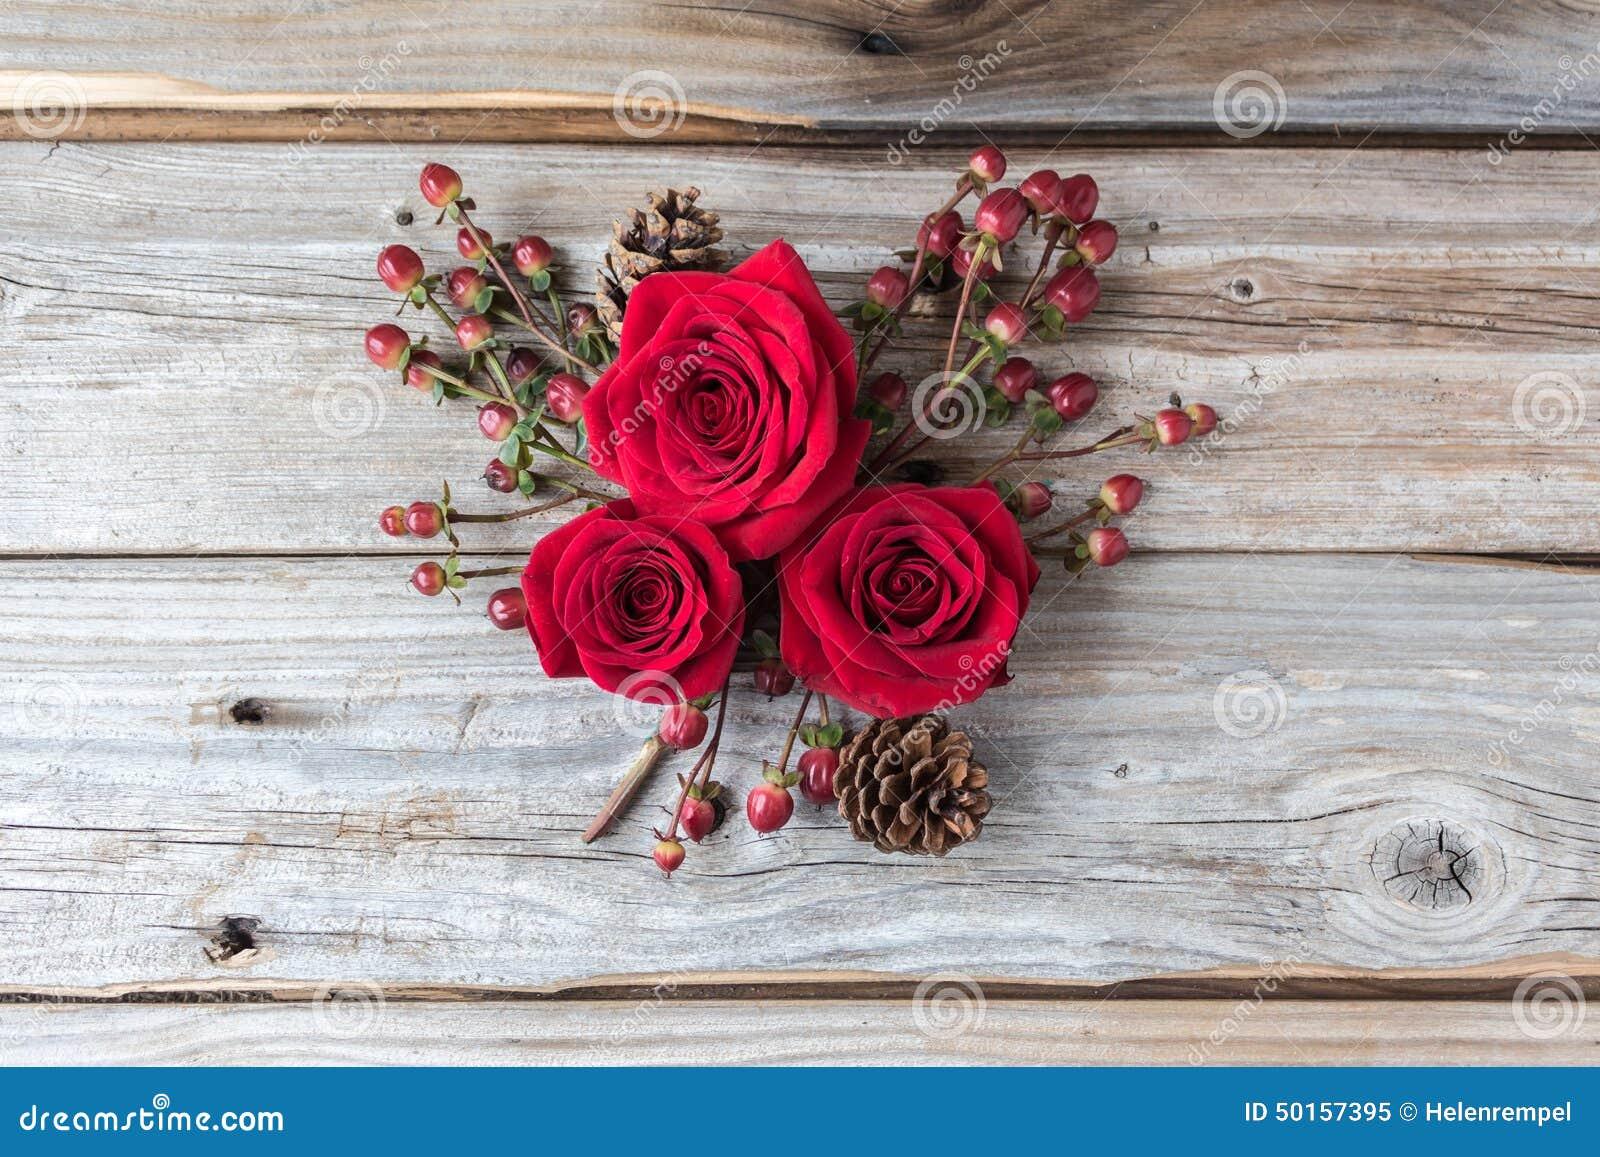 Três rosas vermelhas em um conjunto no fundo de madeira rústico